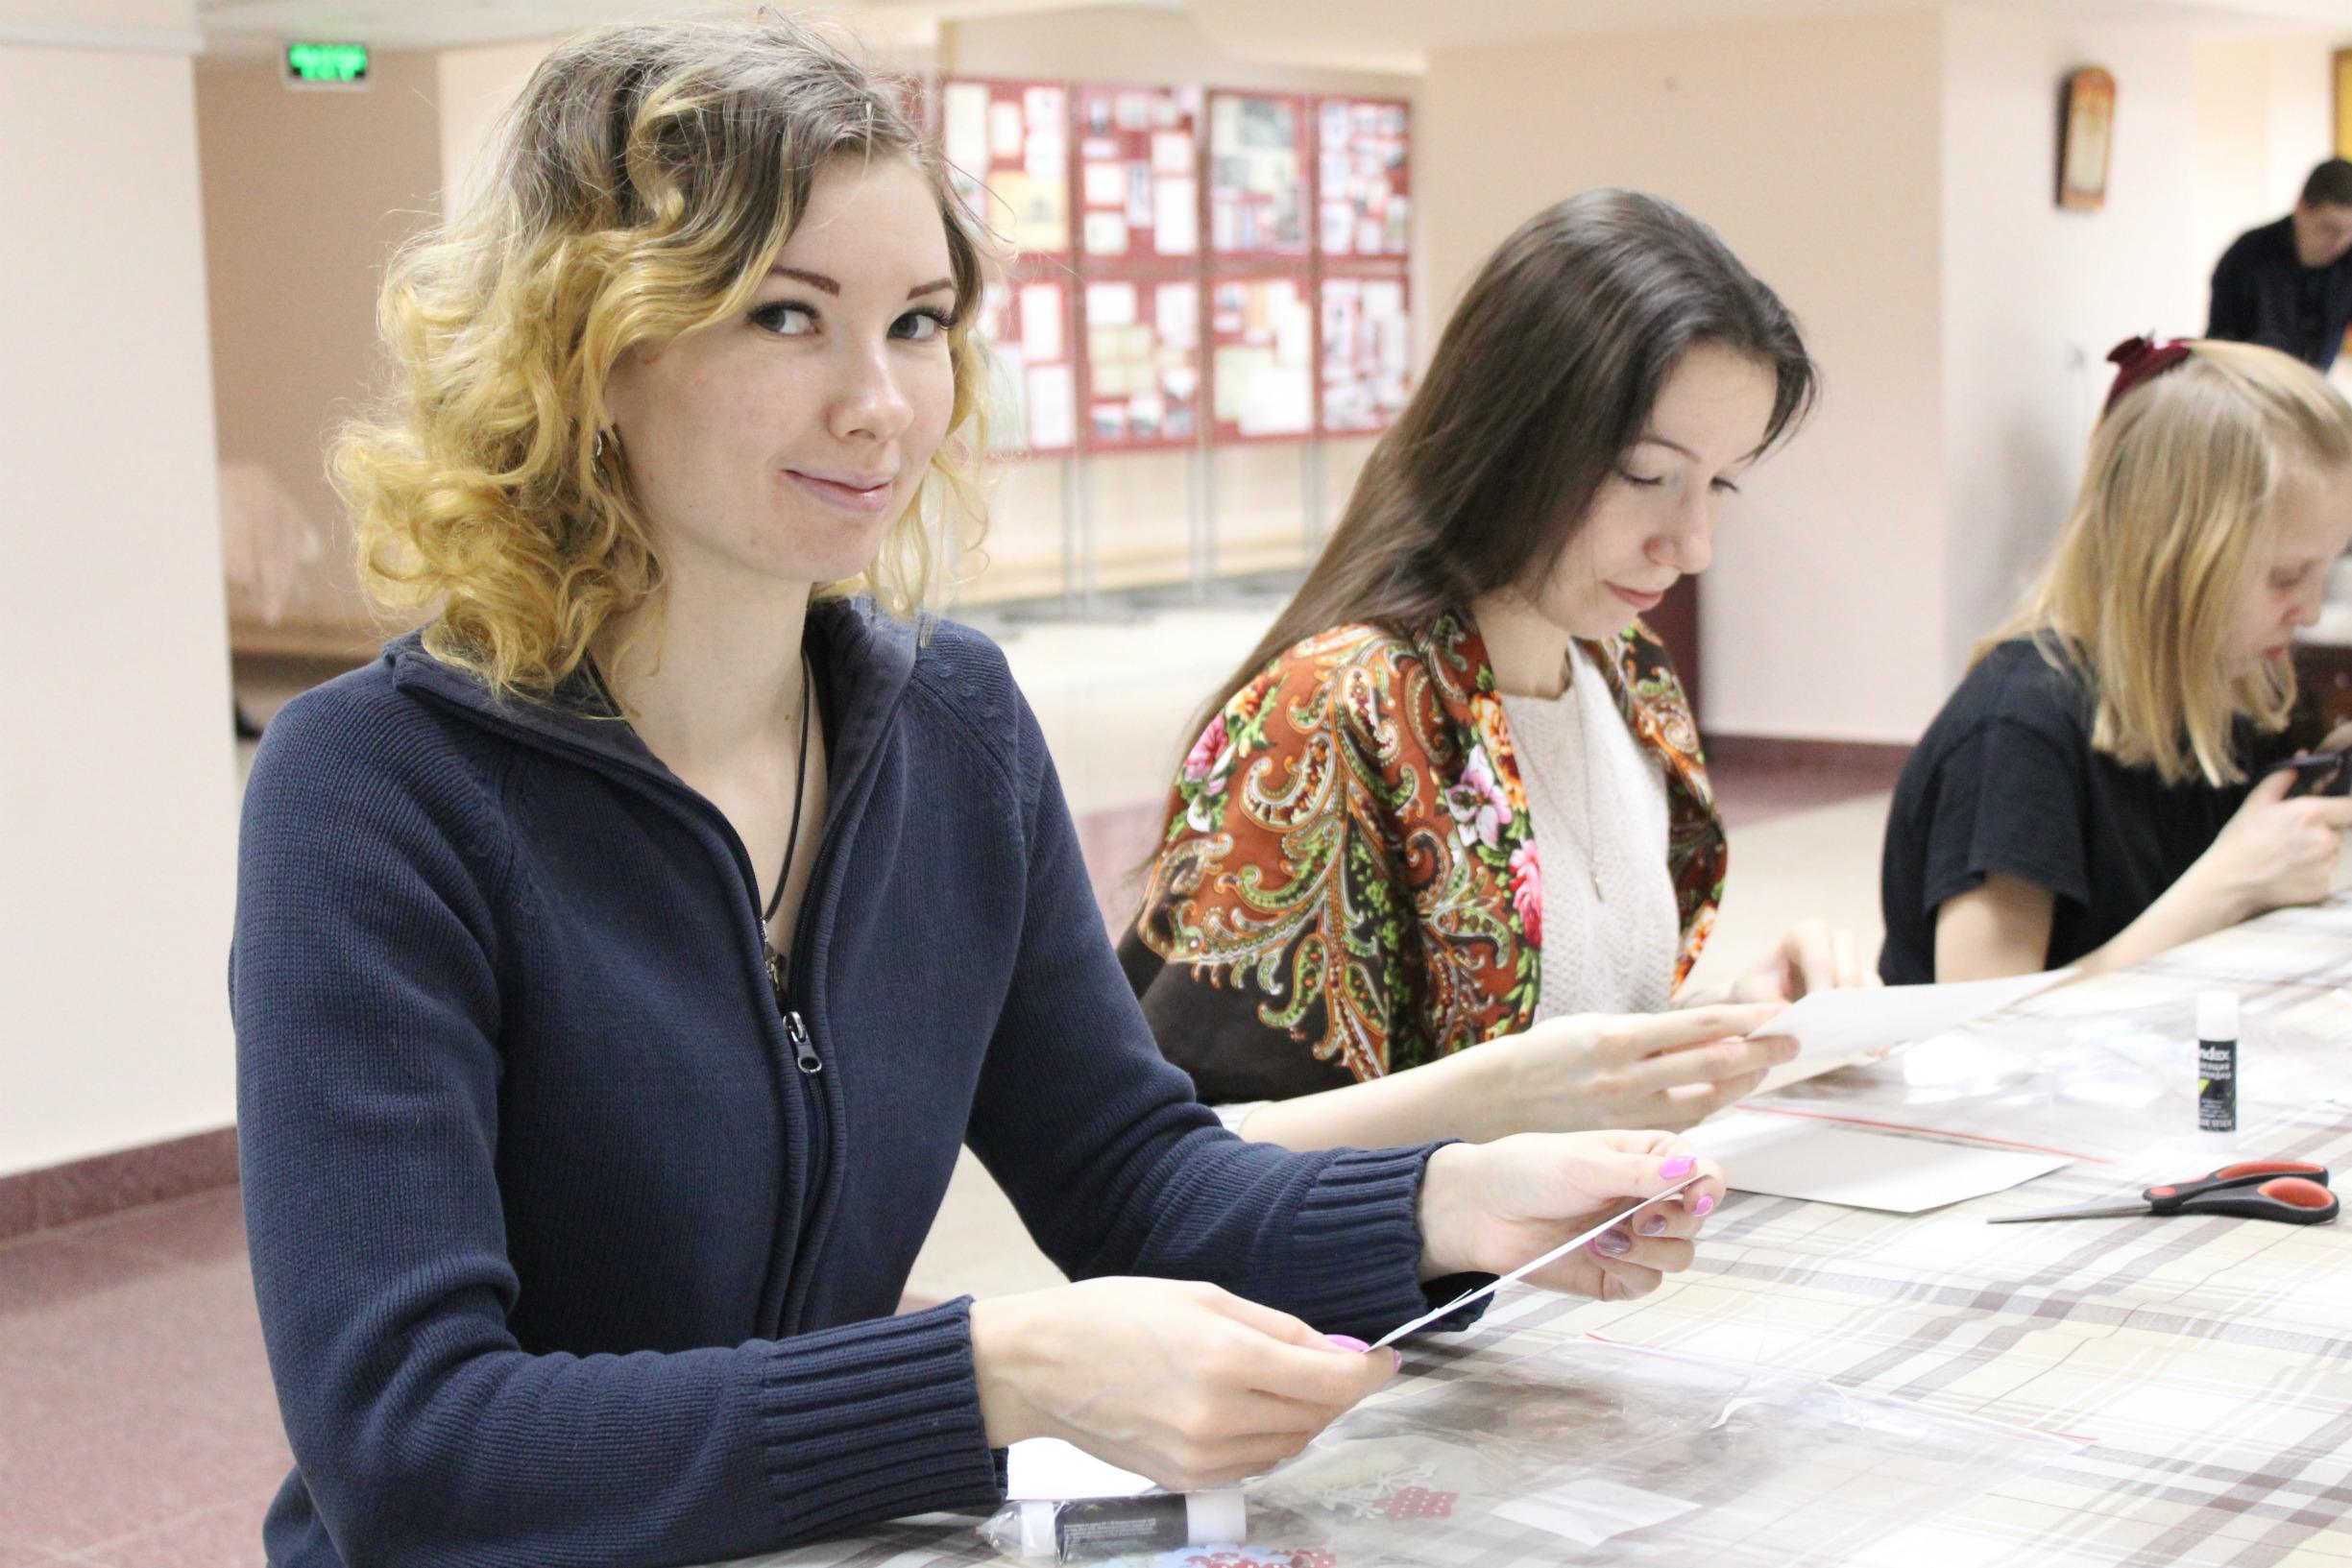 В соборе Александра Невского прошел мастер-класс по скрапбукингу, приуроченный ко Дню православной книги